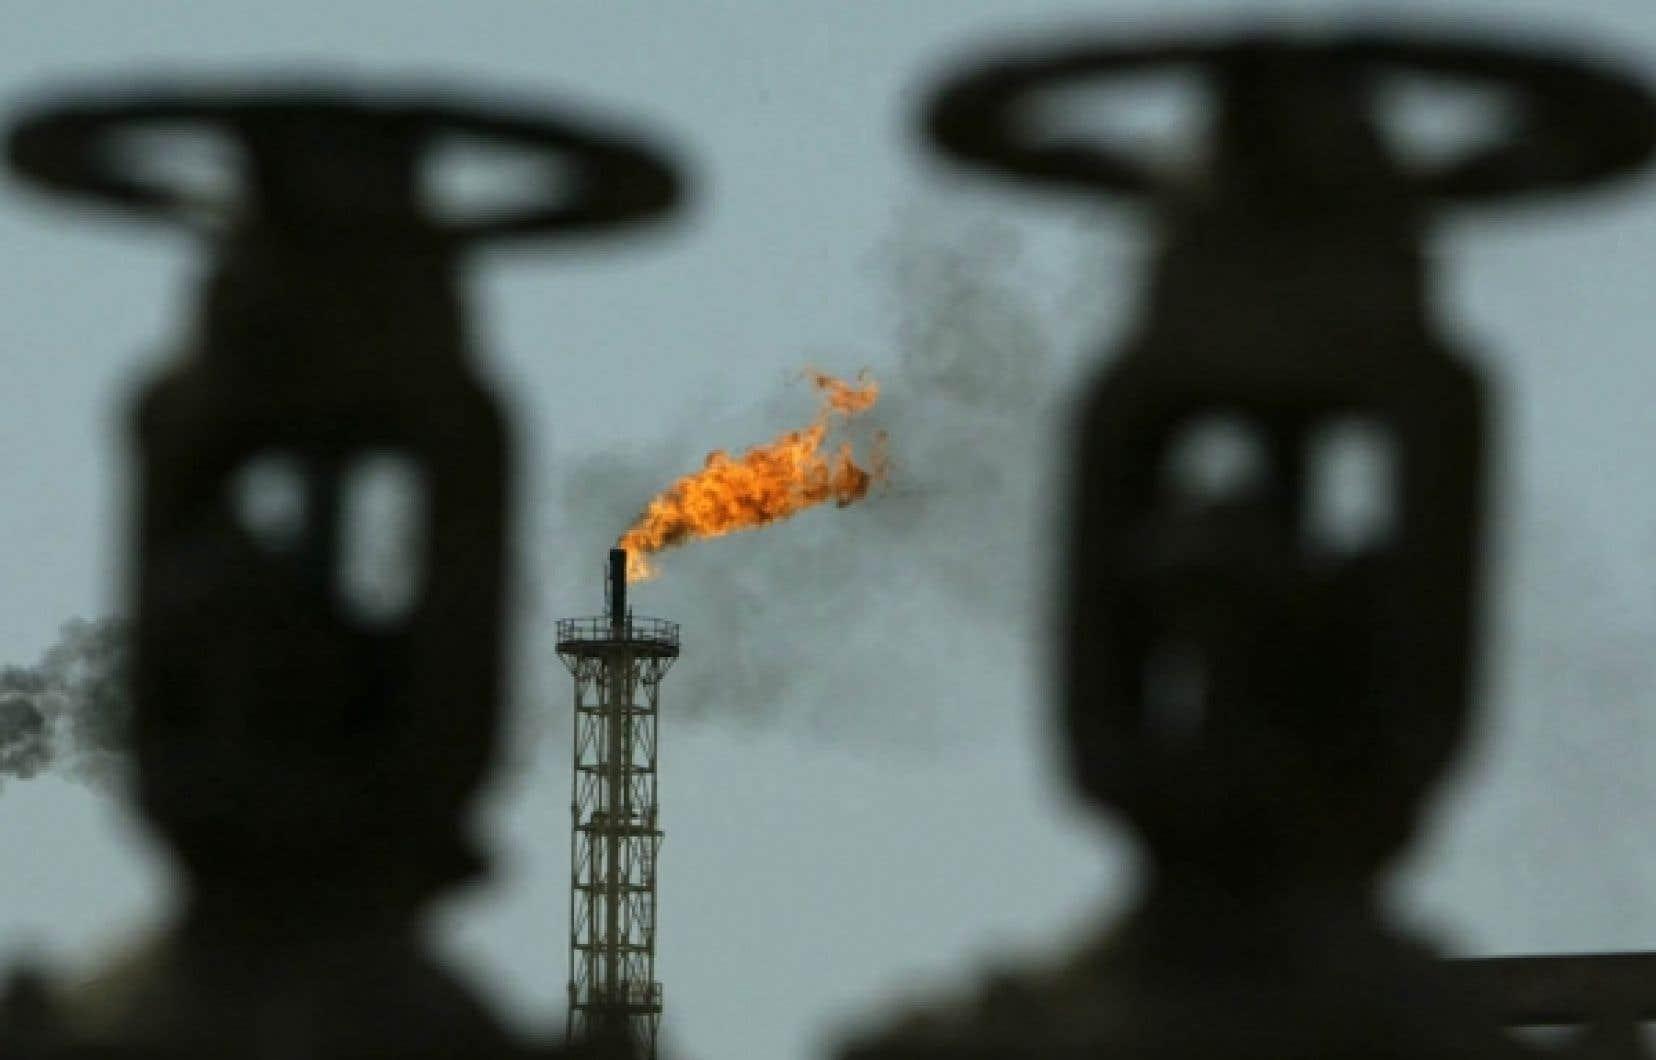 La cinquantaine d&rsquo;importateurs et de grands distributeurs de combustibles fossiles, comme les p&eacute;troli&egrave;res, vont devoir acheter du gouvernement ou sur le march&eacute; 100 % des droits d&rsquo;&eacute;mission correspondant &agrave; leurs ventes.<br />